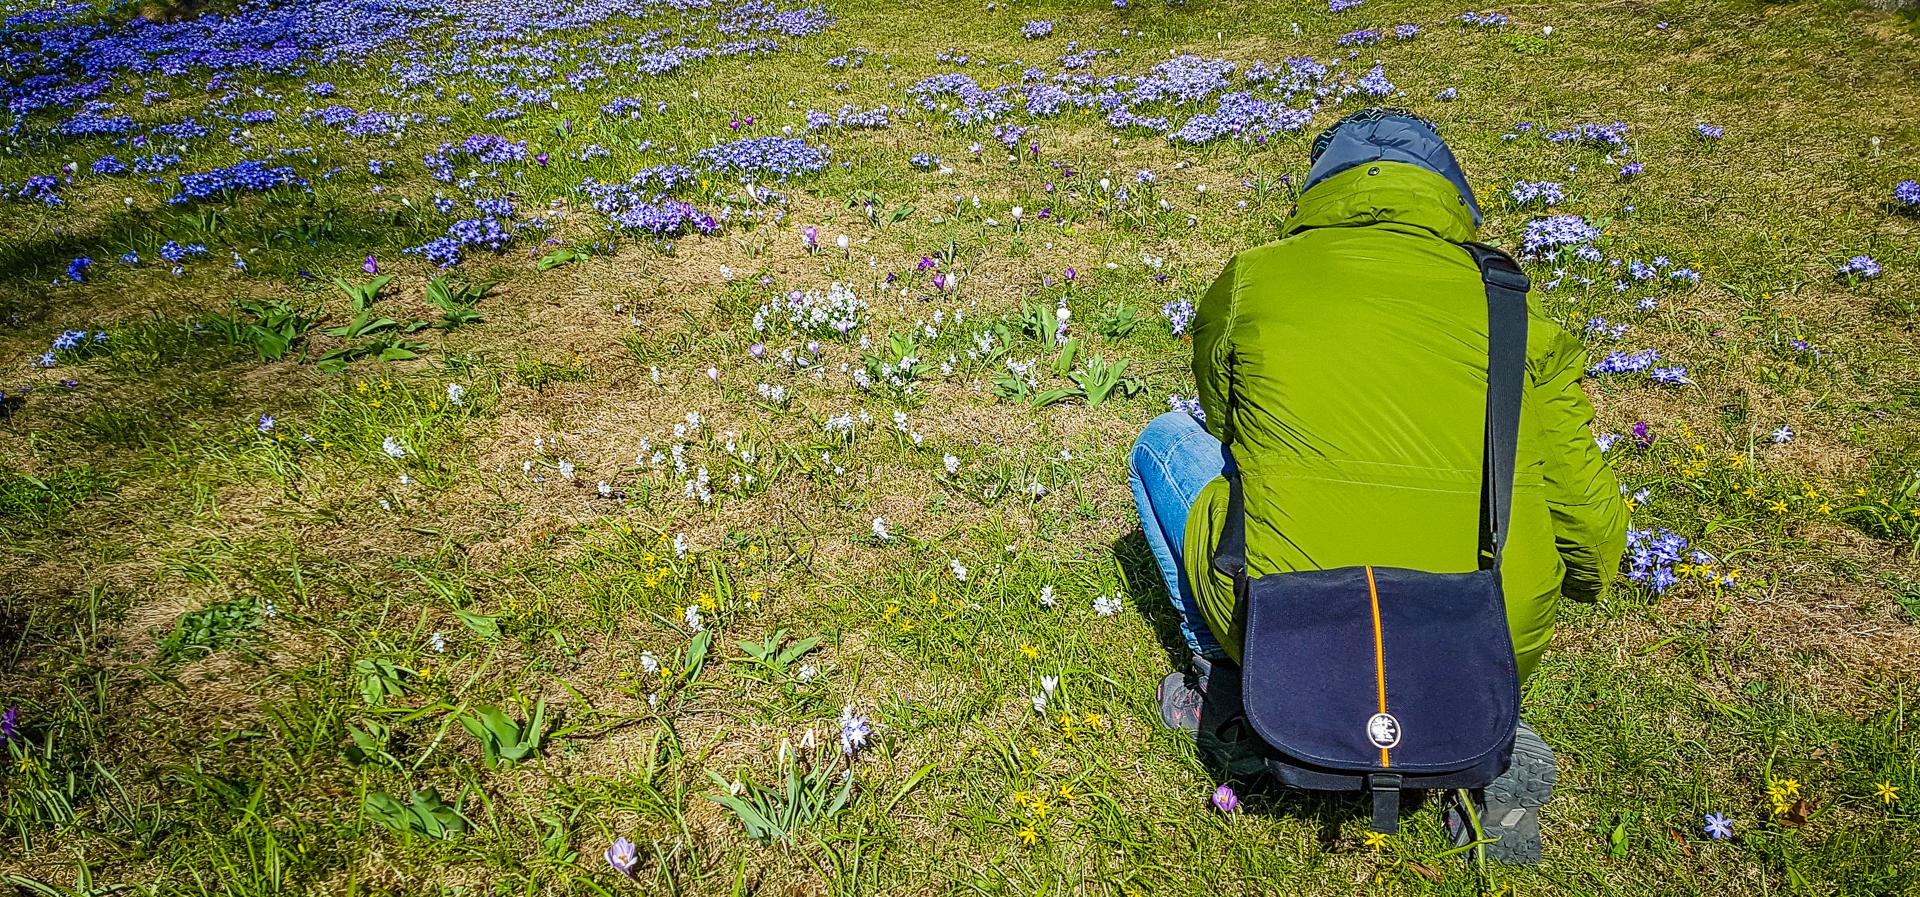 Min kollega Helena fotograferar den gröna gräsmatten som är full av blå skilla